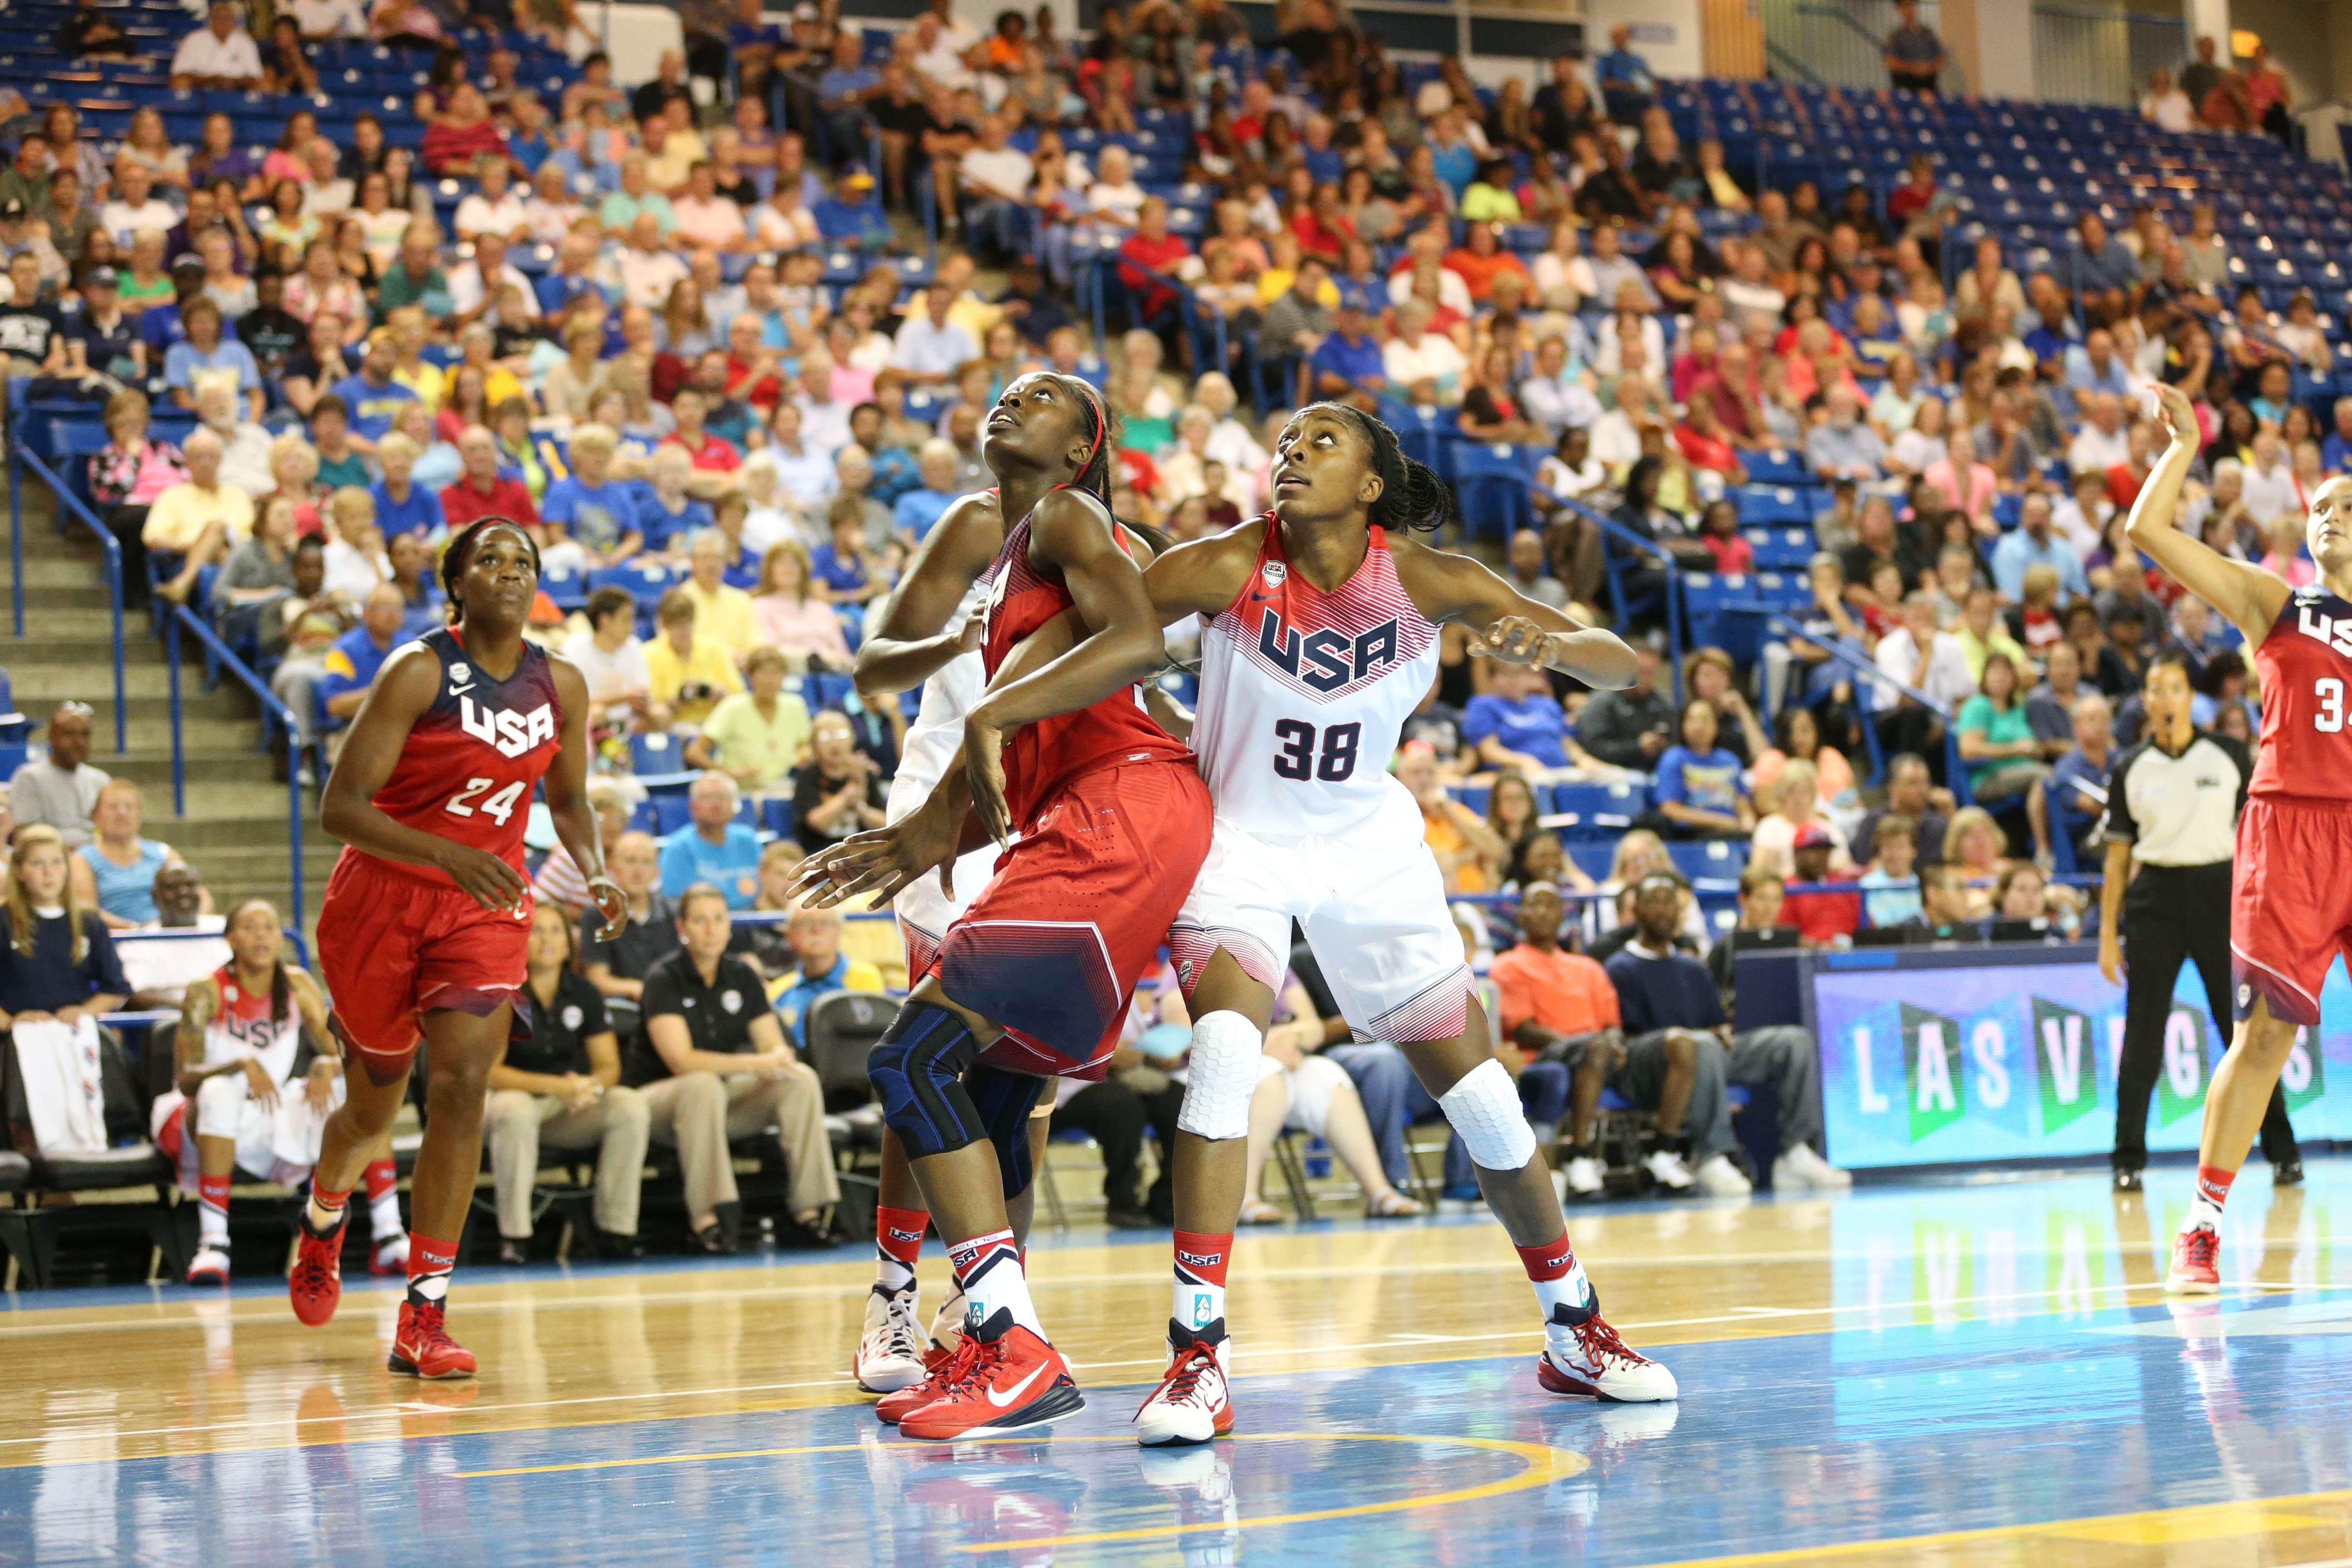 Women's Senior U.S. National Team Red v White